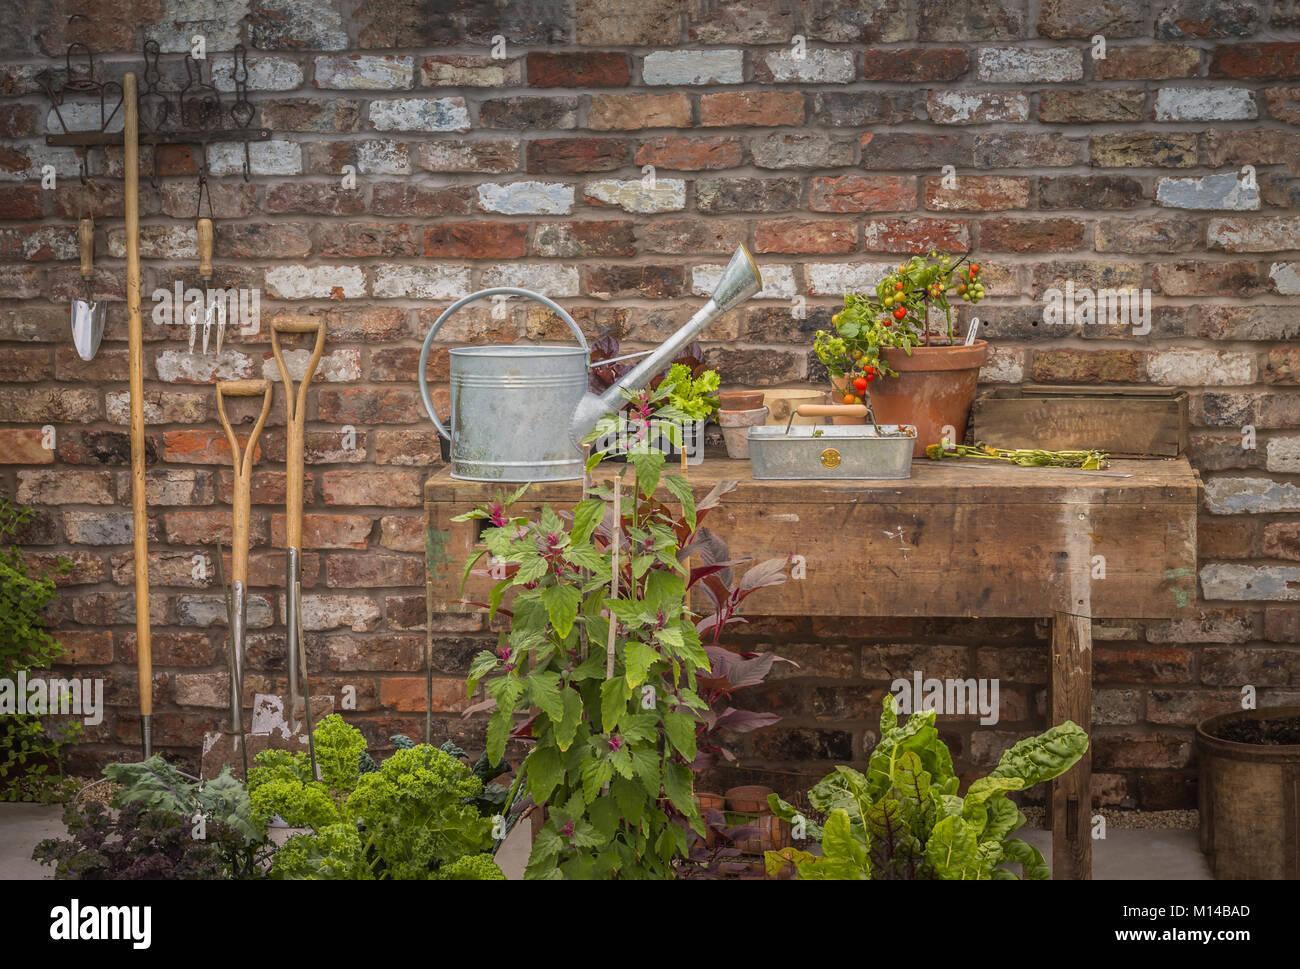 Vintage Garden Bench Stock Photos & Vintage Garden Bench Stock ...